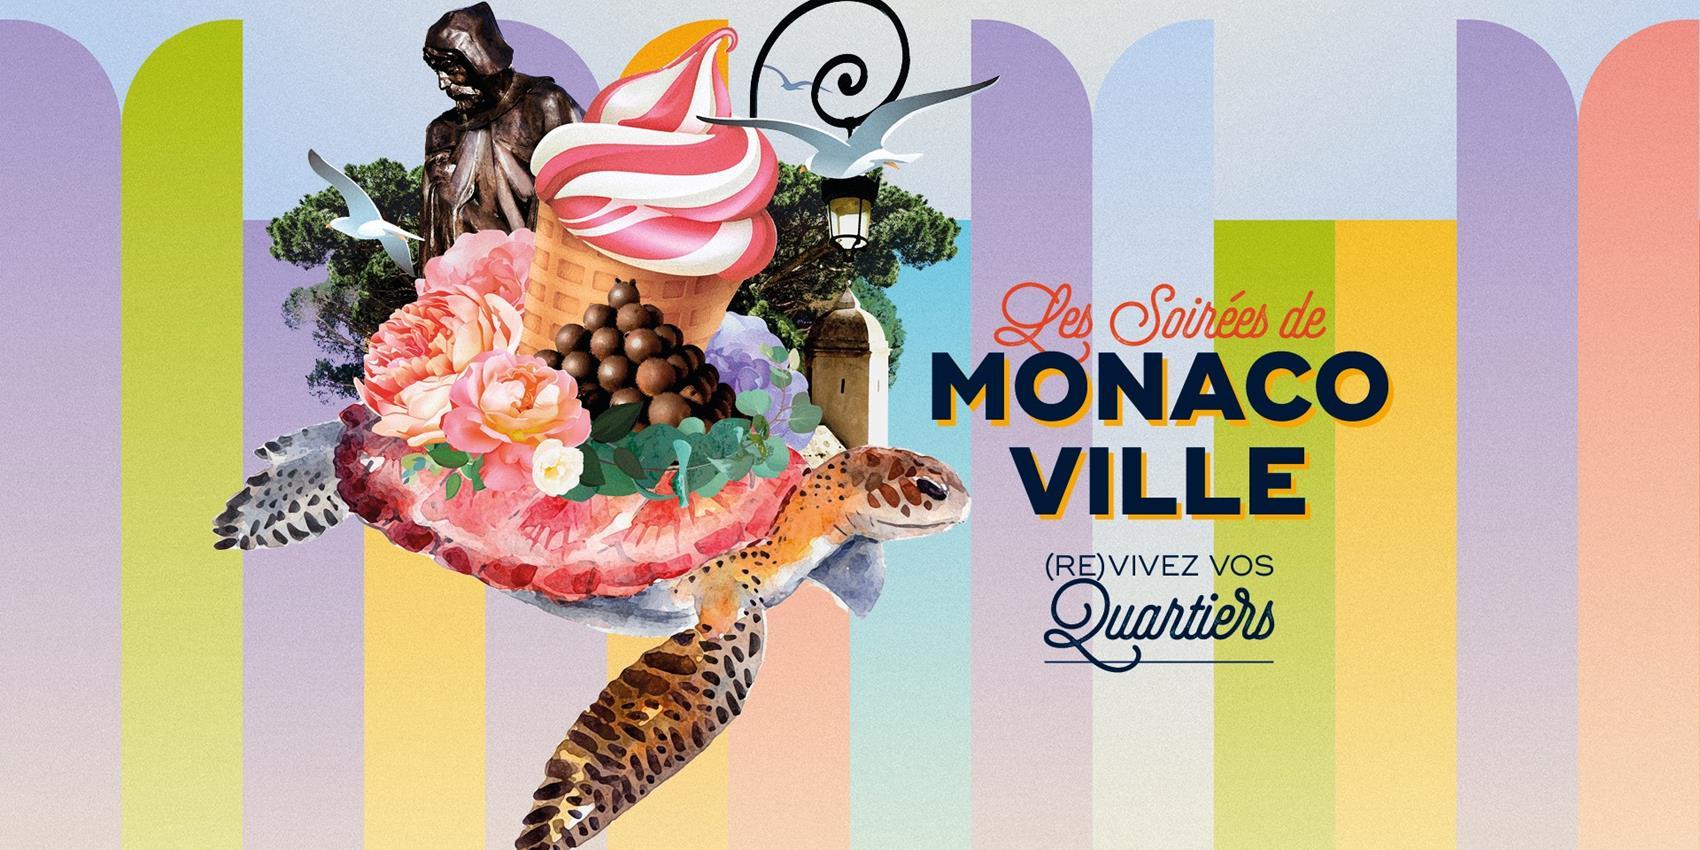 Redécouvrez les quartiers de Monaco cet été